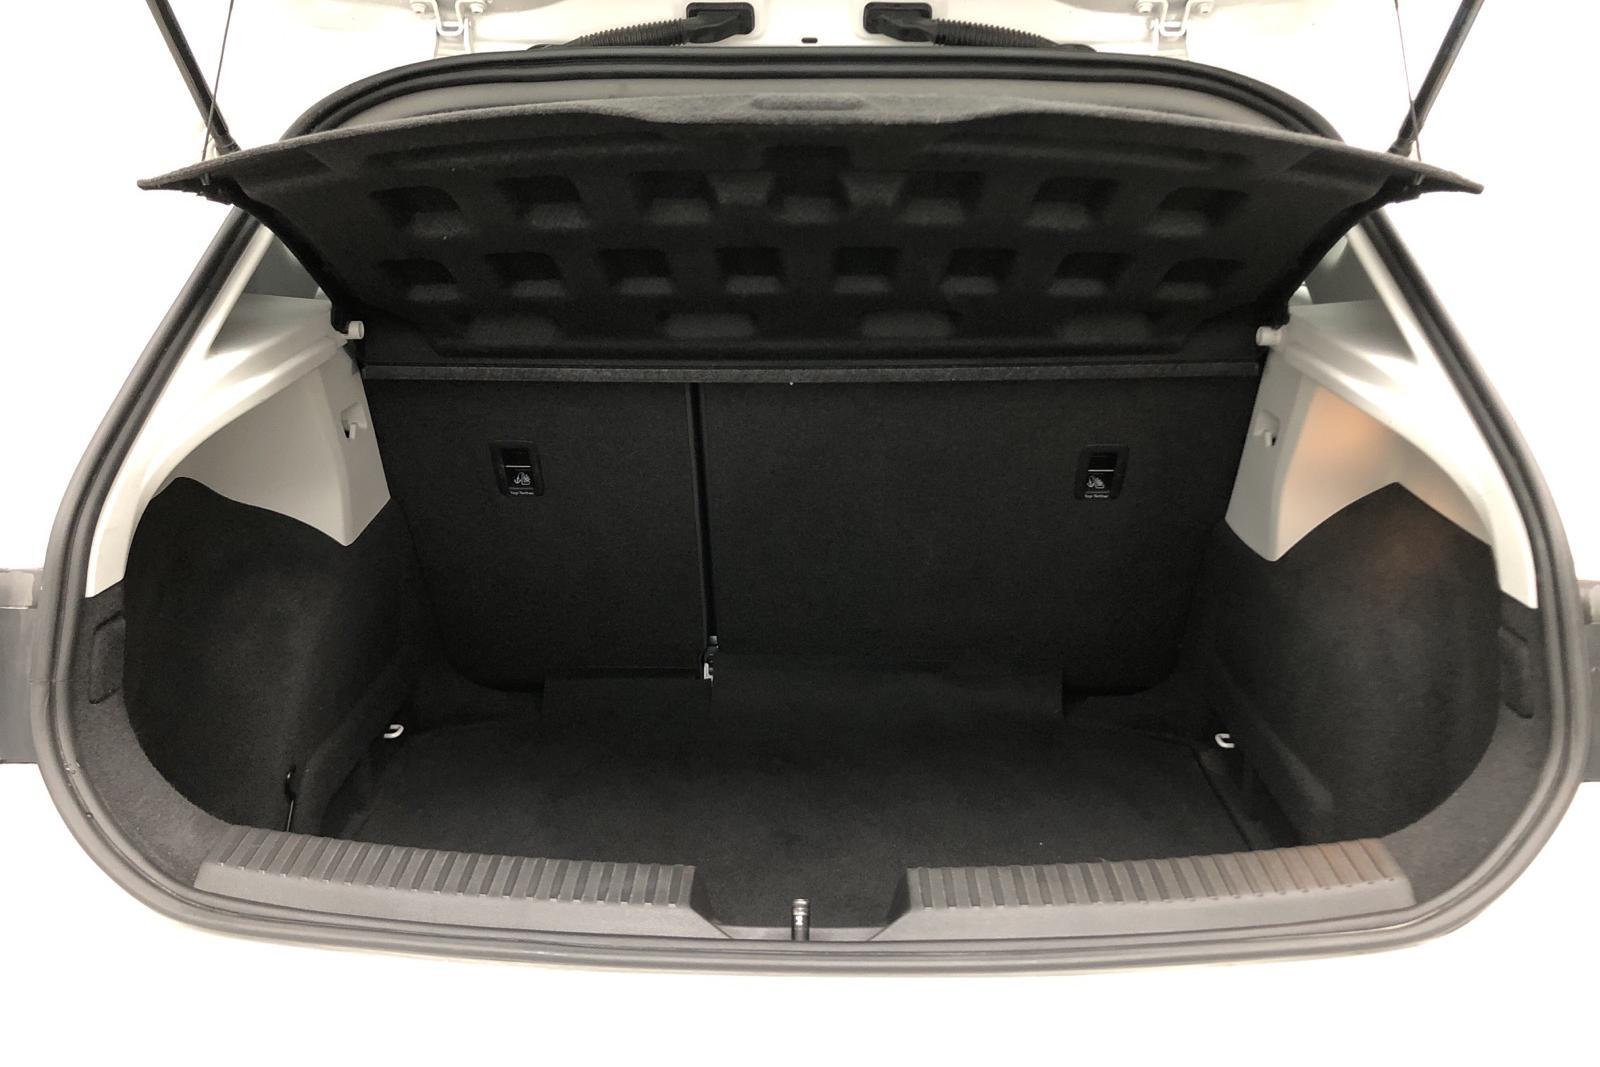 Seat Leon 1.2 TSI 5dr (110hk) - 0 km - Manual - white - 2017